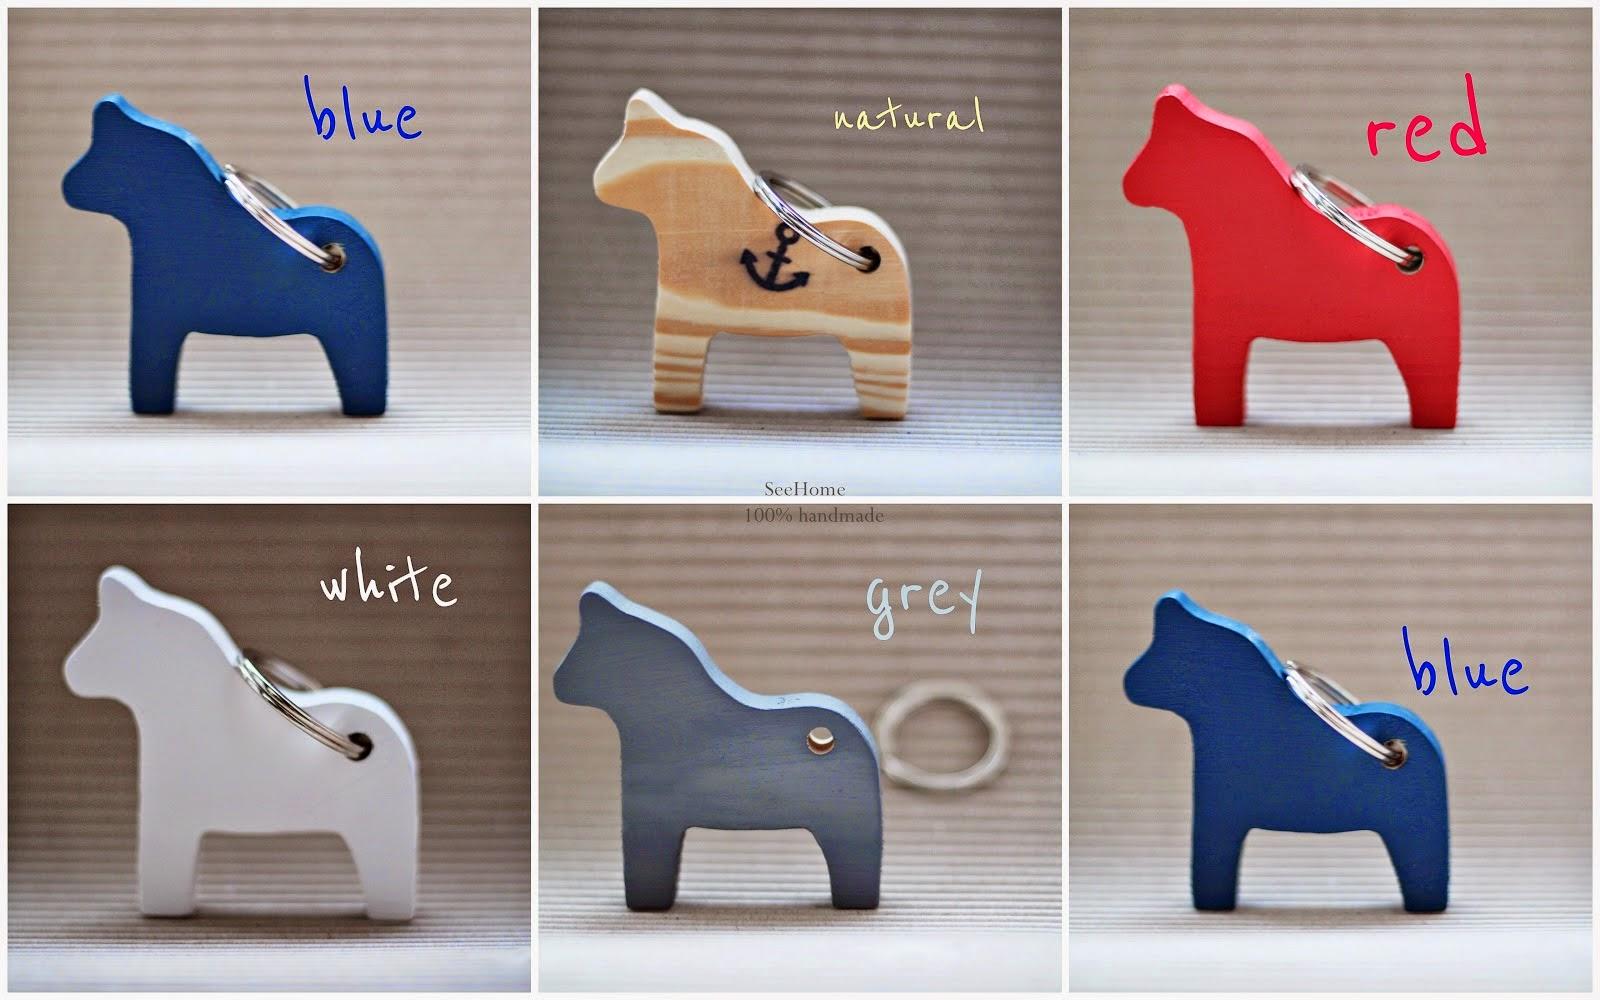 Niebieski,Naturalny, Czerwony, Biały, Szary, Blue, Natural,Red, White, Grey